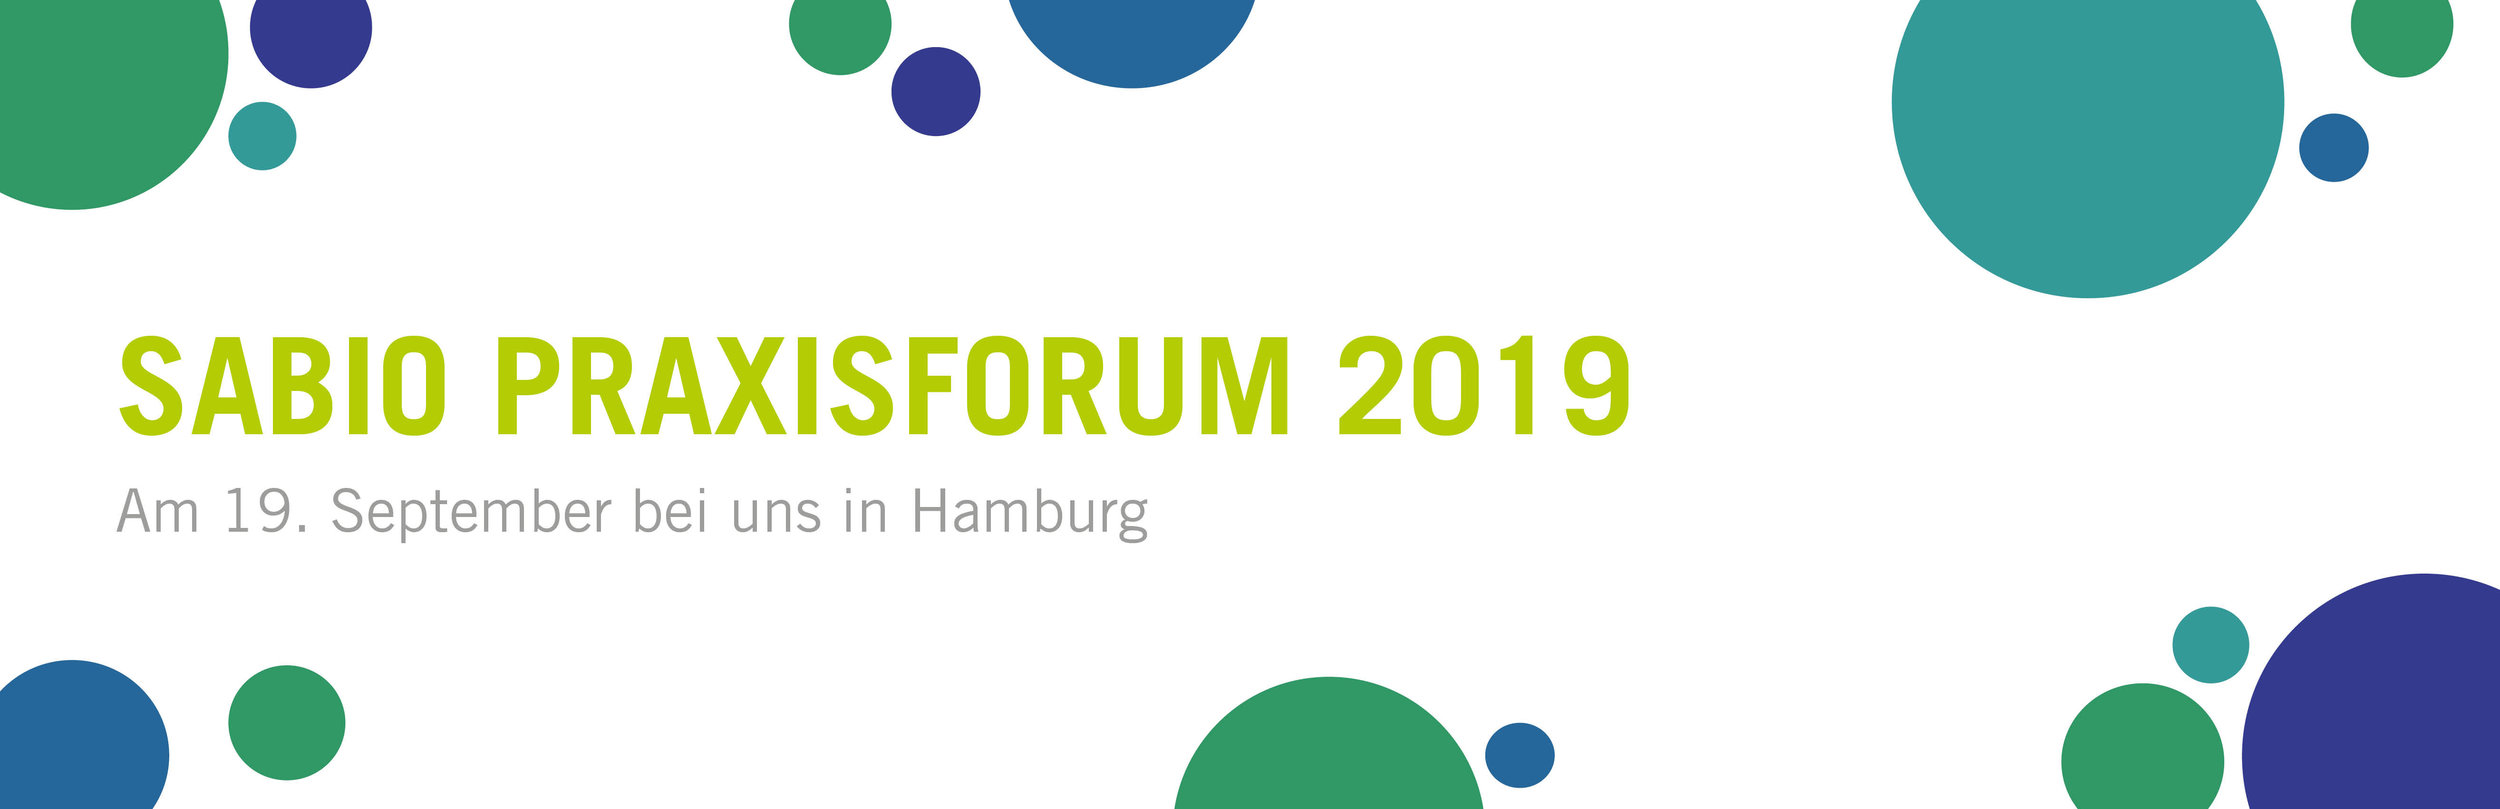 Praxisforum Banner 2019.jpg